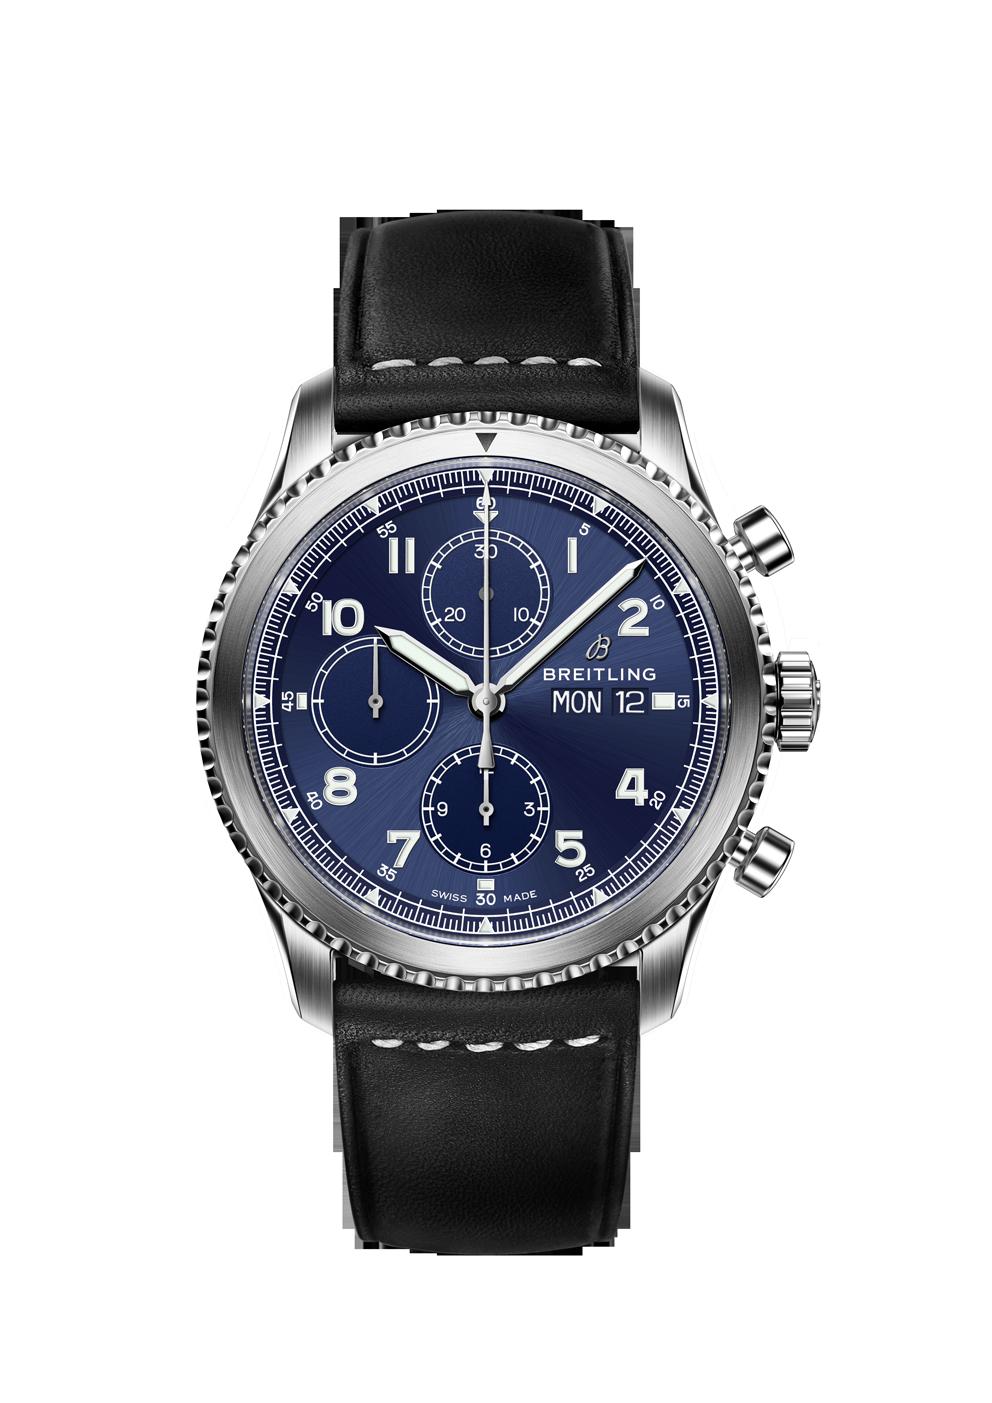 Breitling Navitimer 8 Chronograph mit blauem Zifferblatt und Lederband bei Juwelier Hungeling